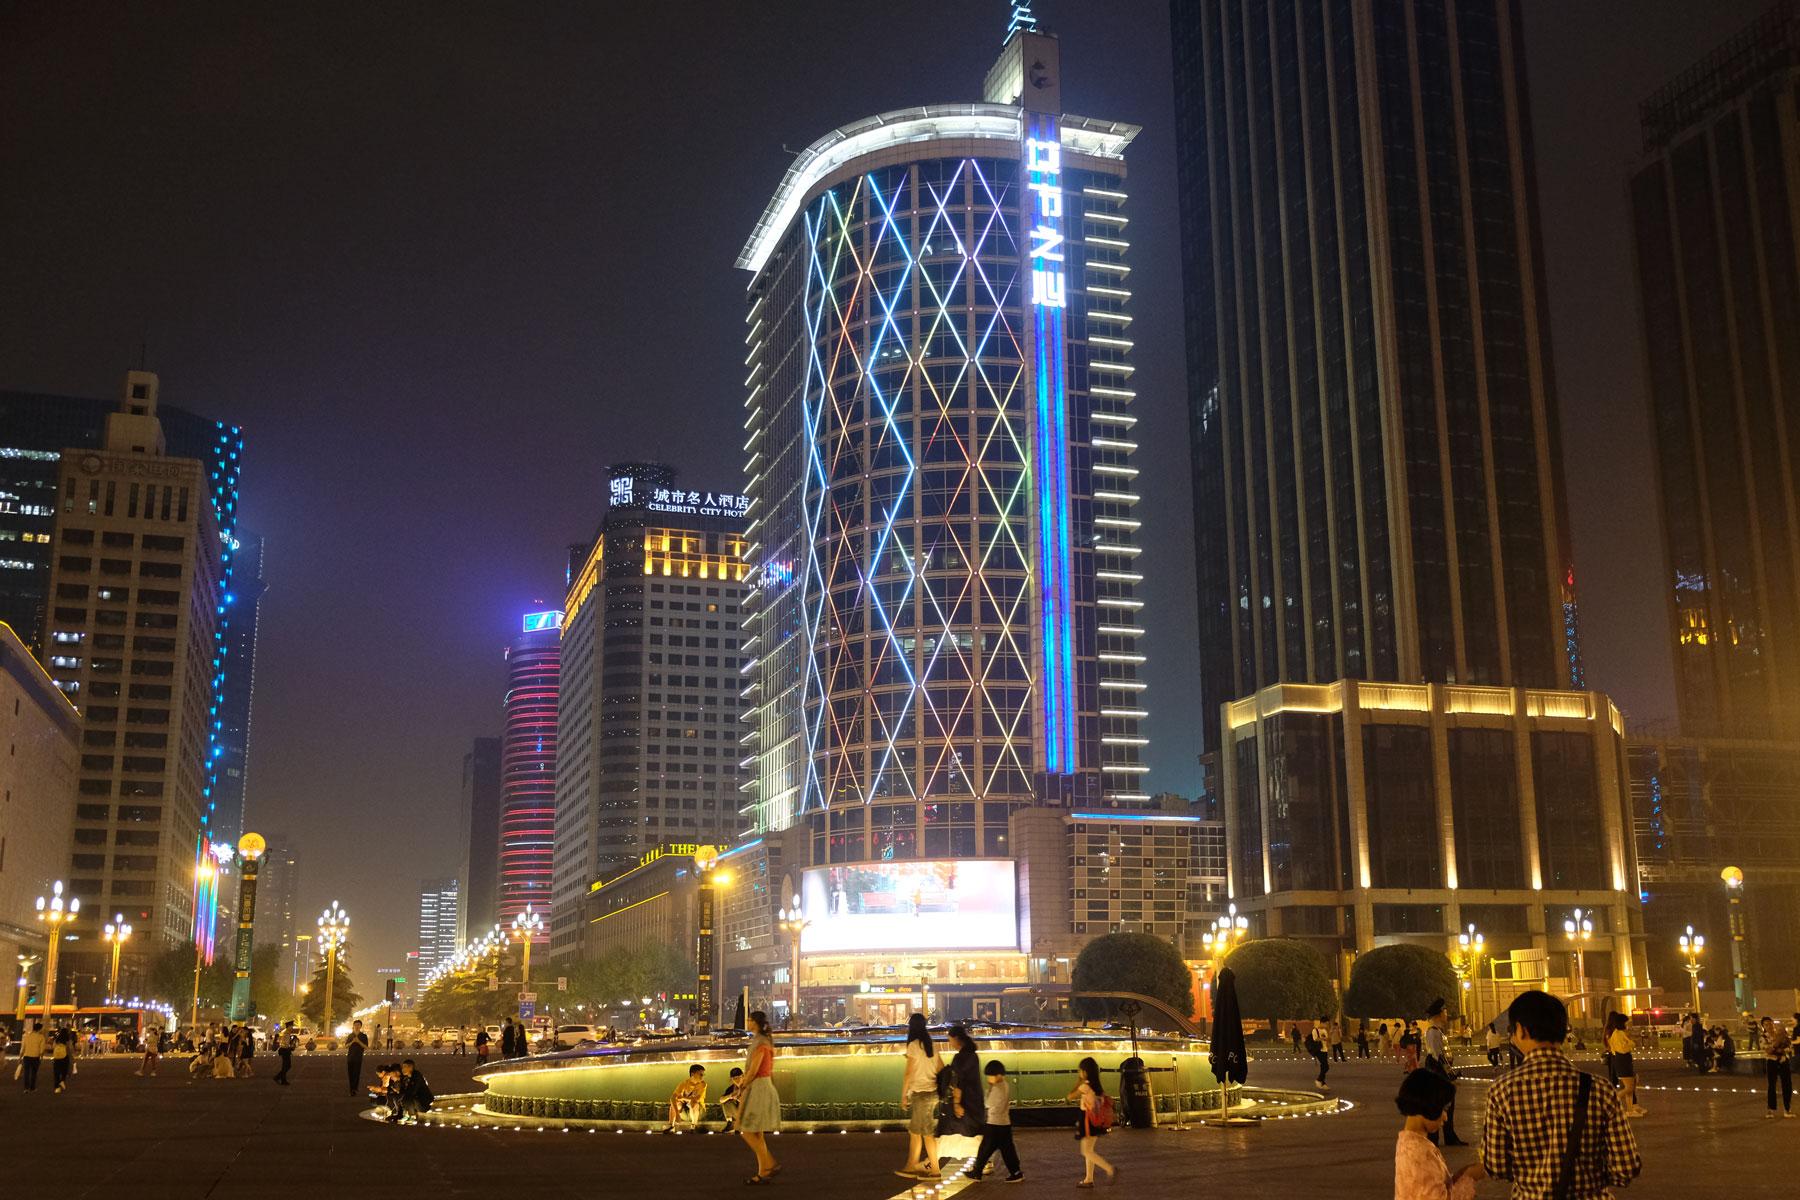 Die Innenstadt von Chengdu bei Nacht.